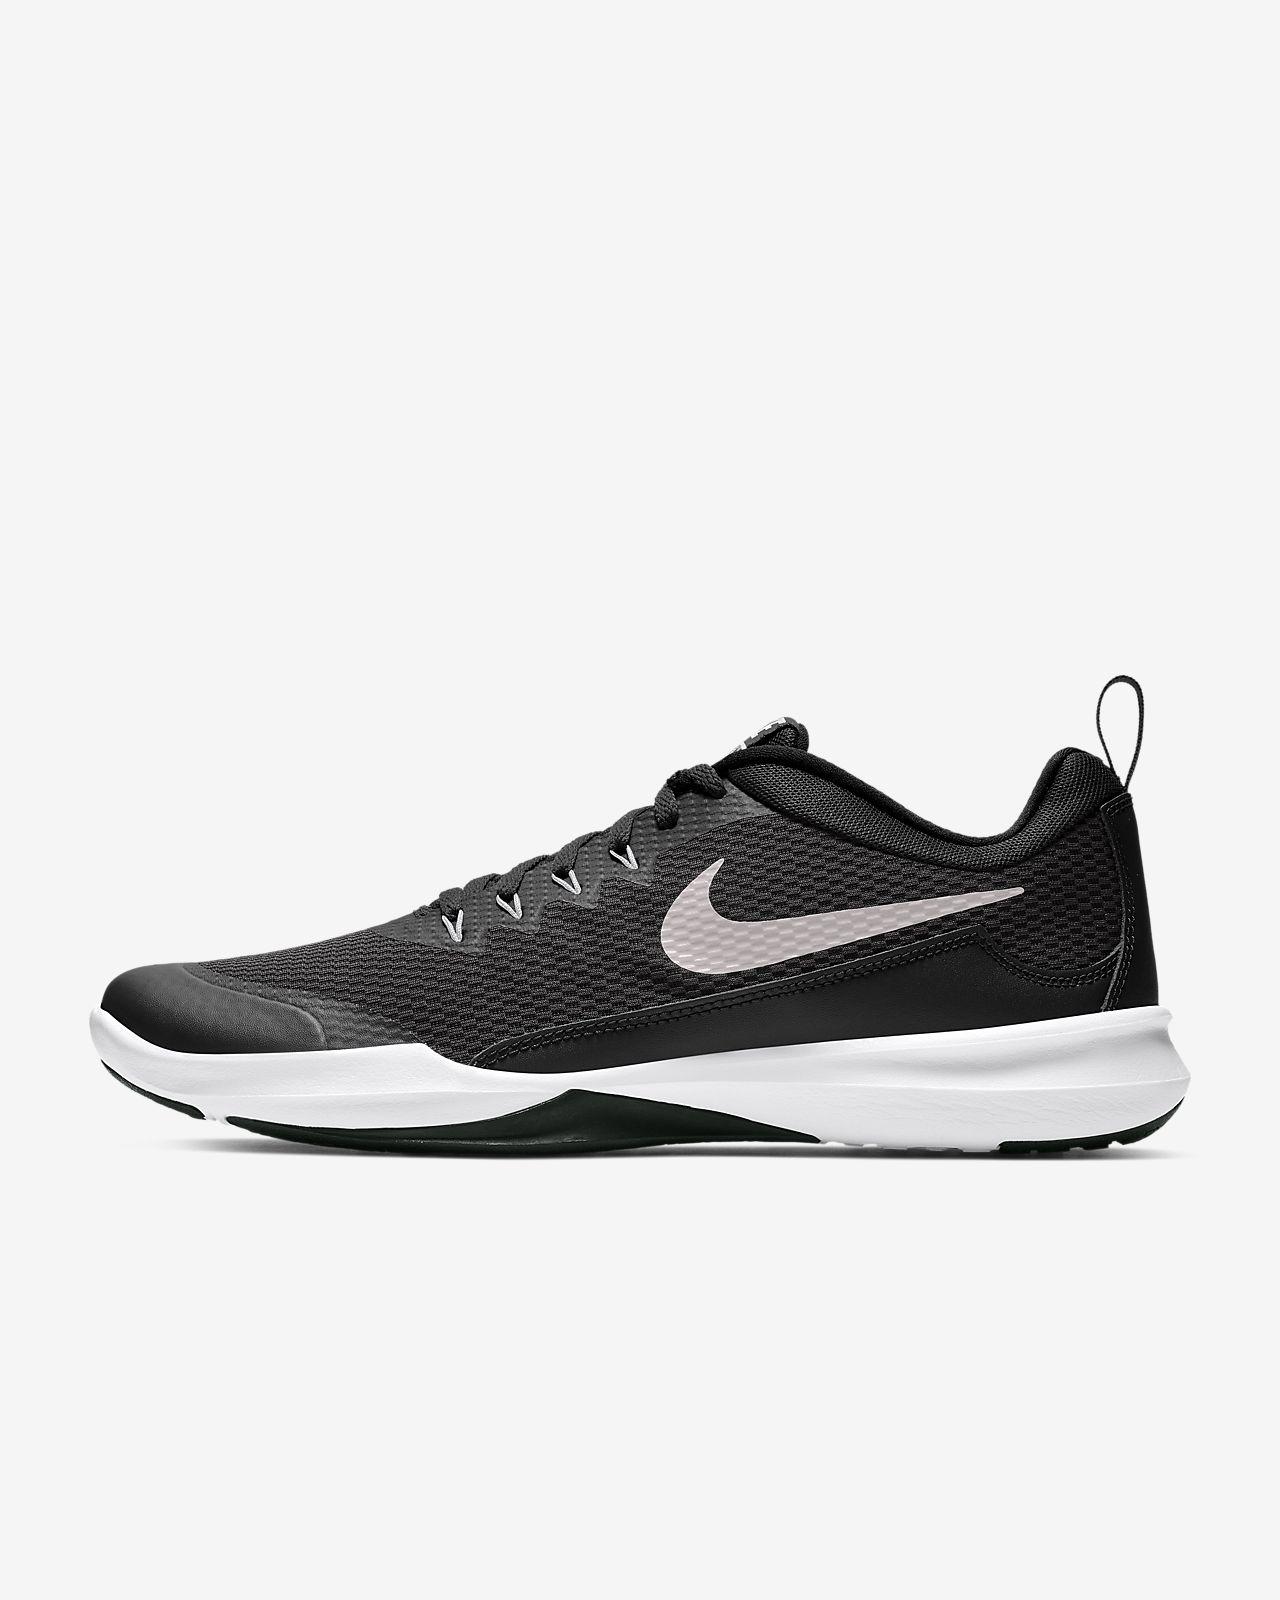 Zapatillas de entrenamiento Nike Legend Trainer para hombre